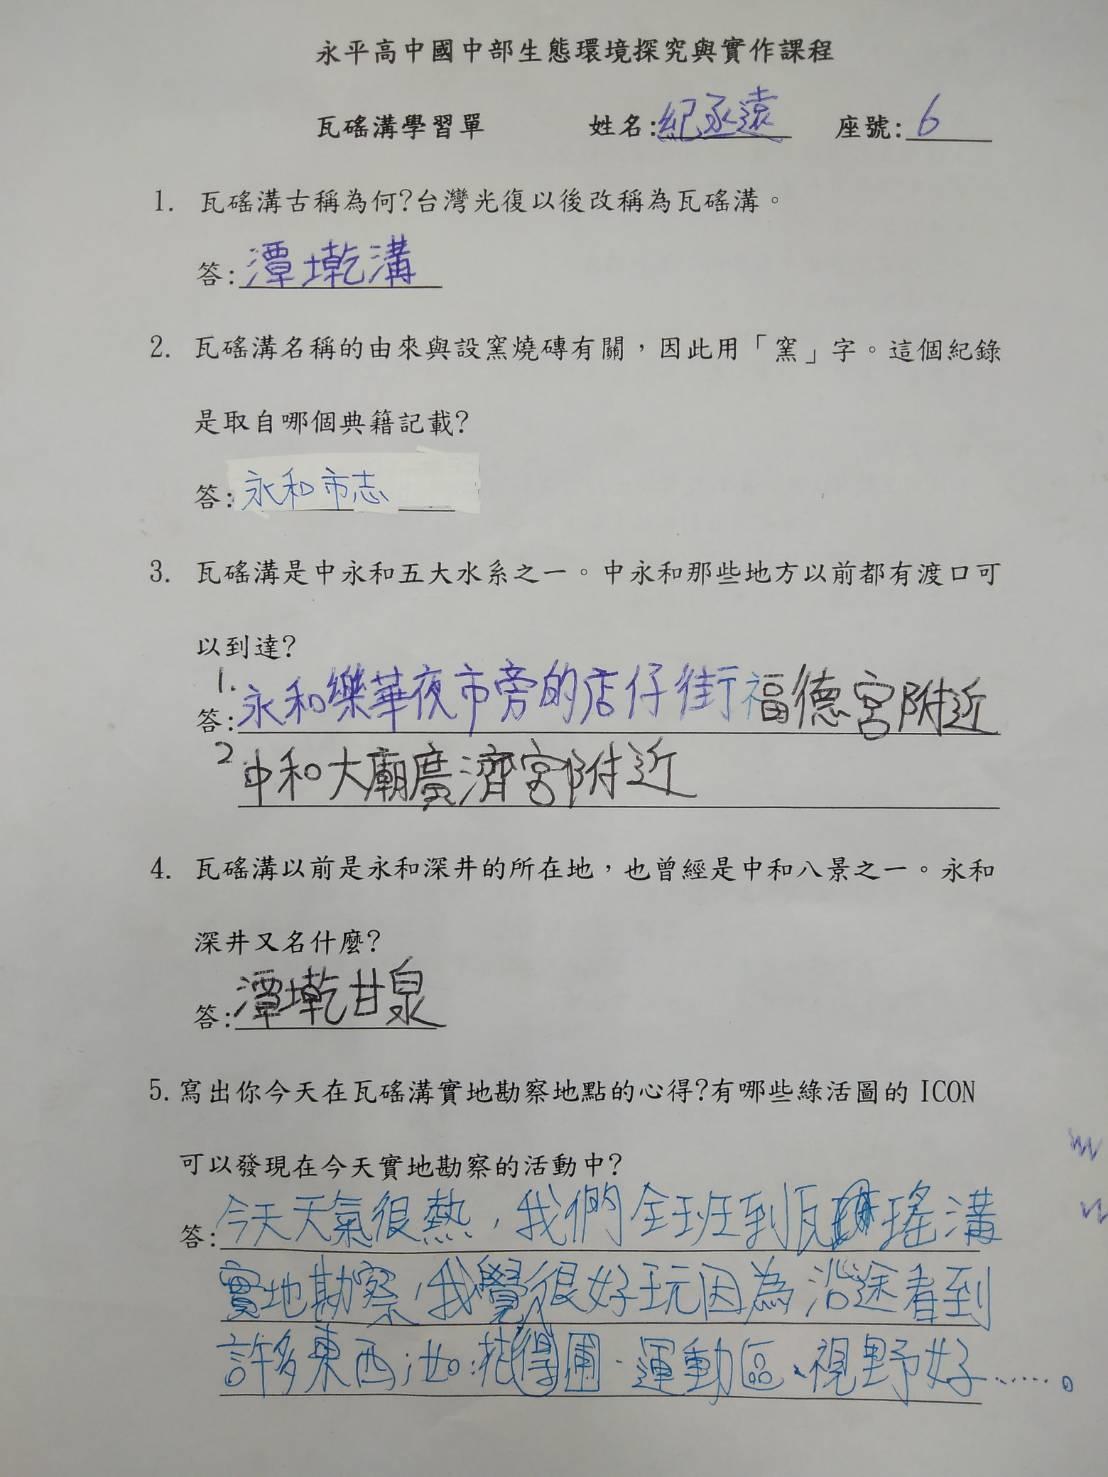 瓦磘溝學生學習單 (5)